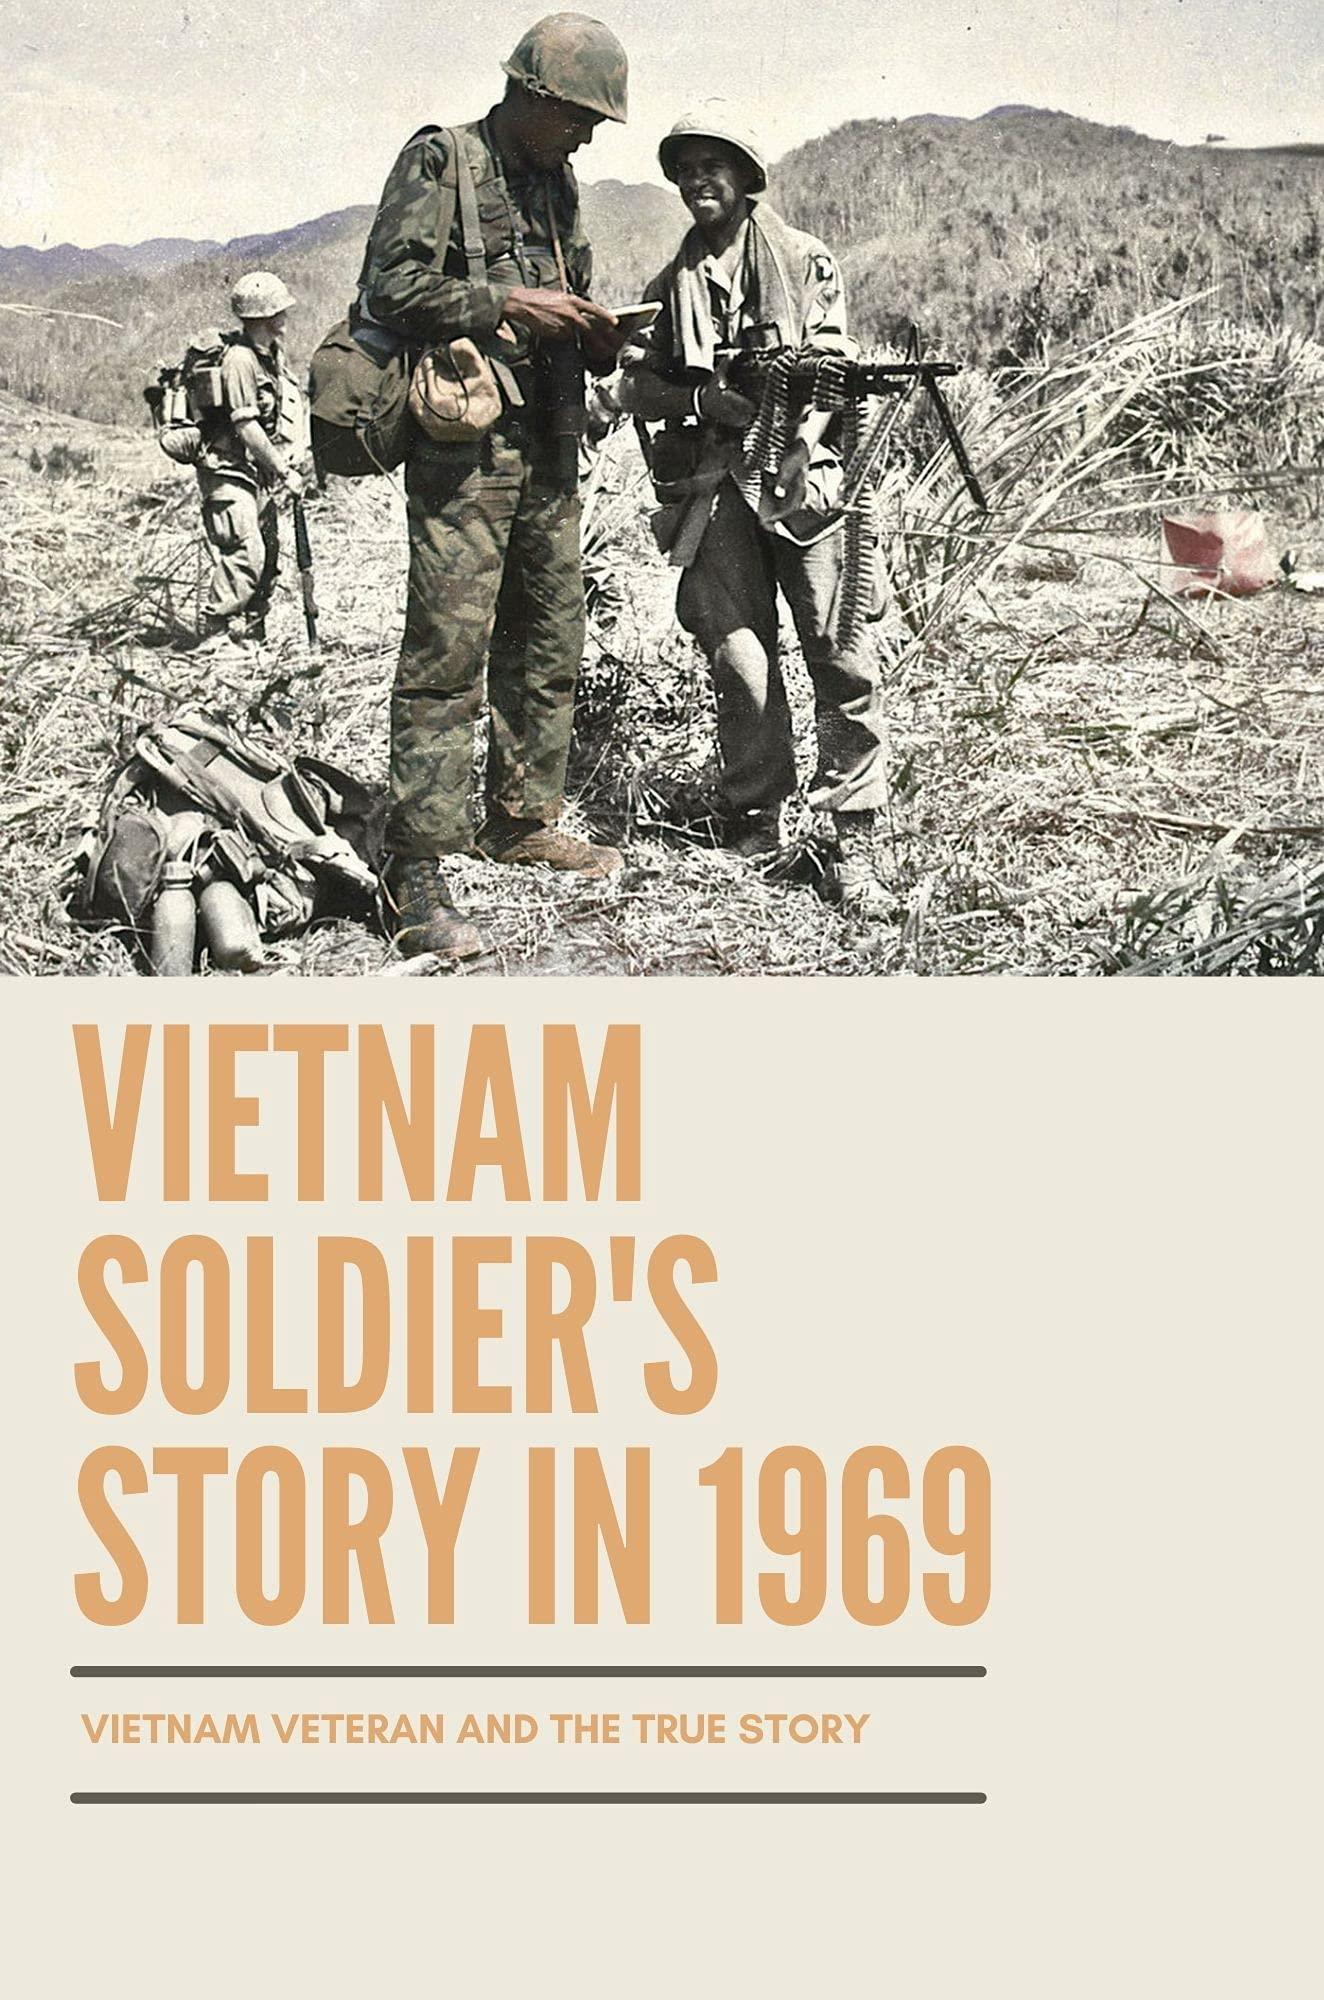 Vietnam Soldier's Story In 1969: Vietnam Veteran And The True Story: Memories Of Vietnam